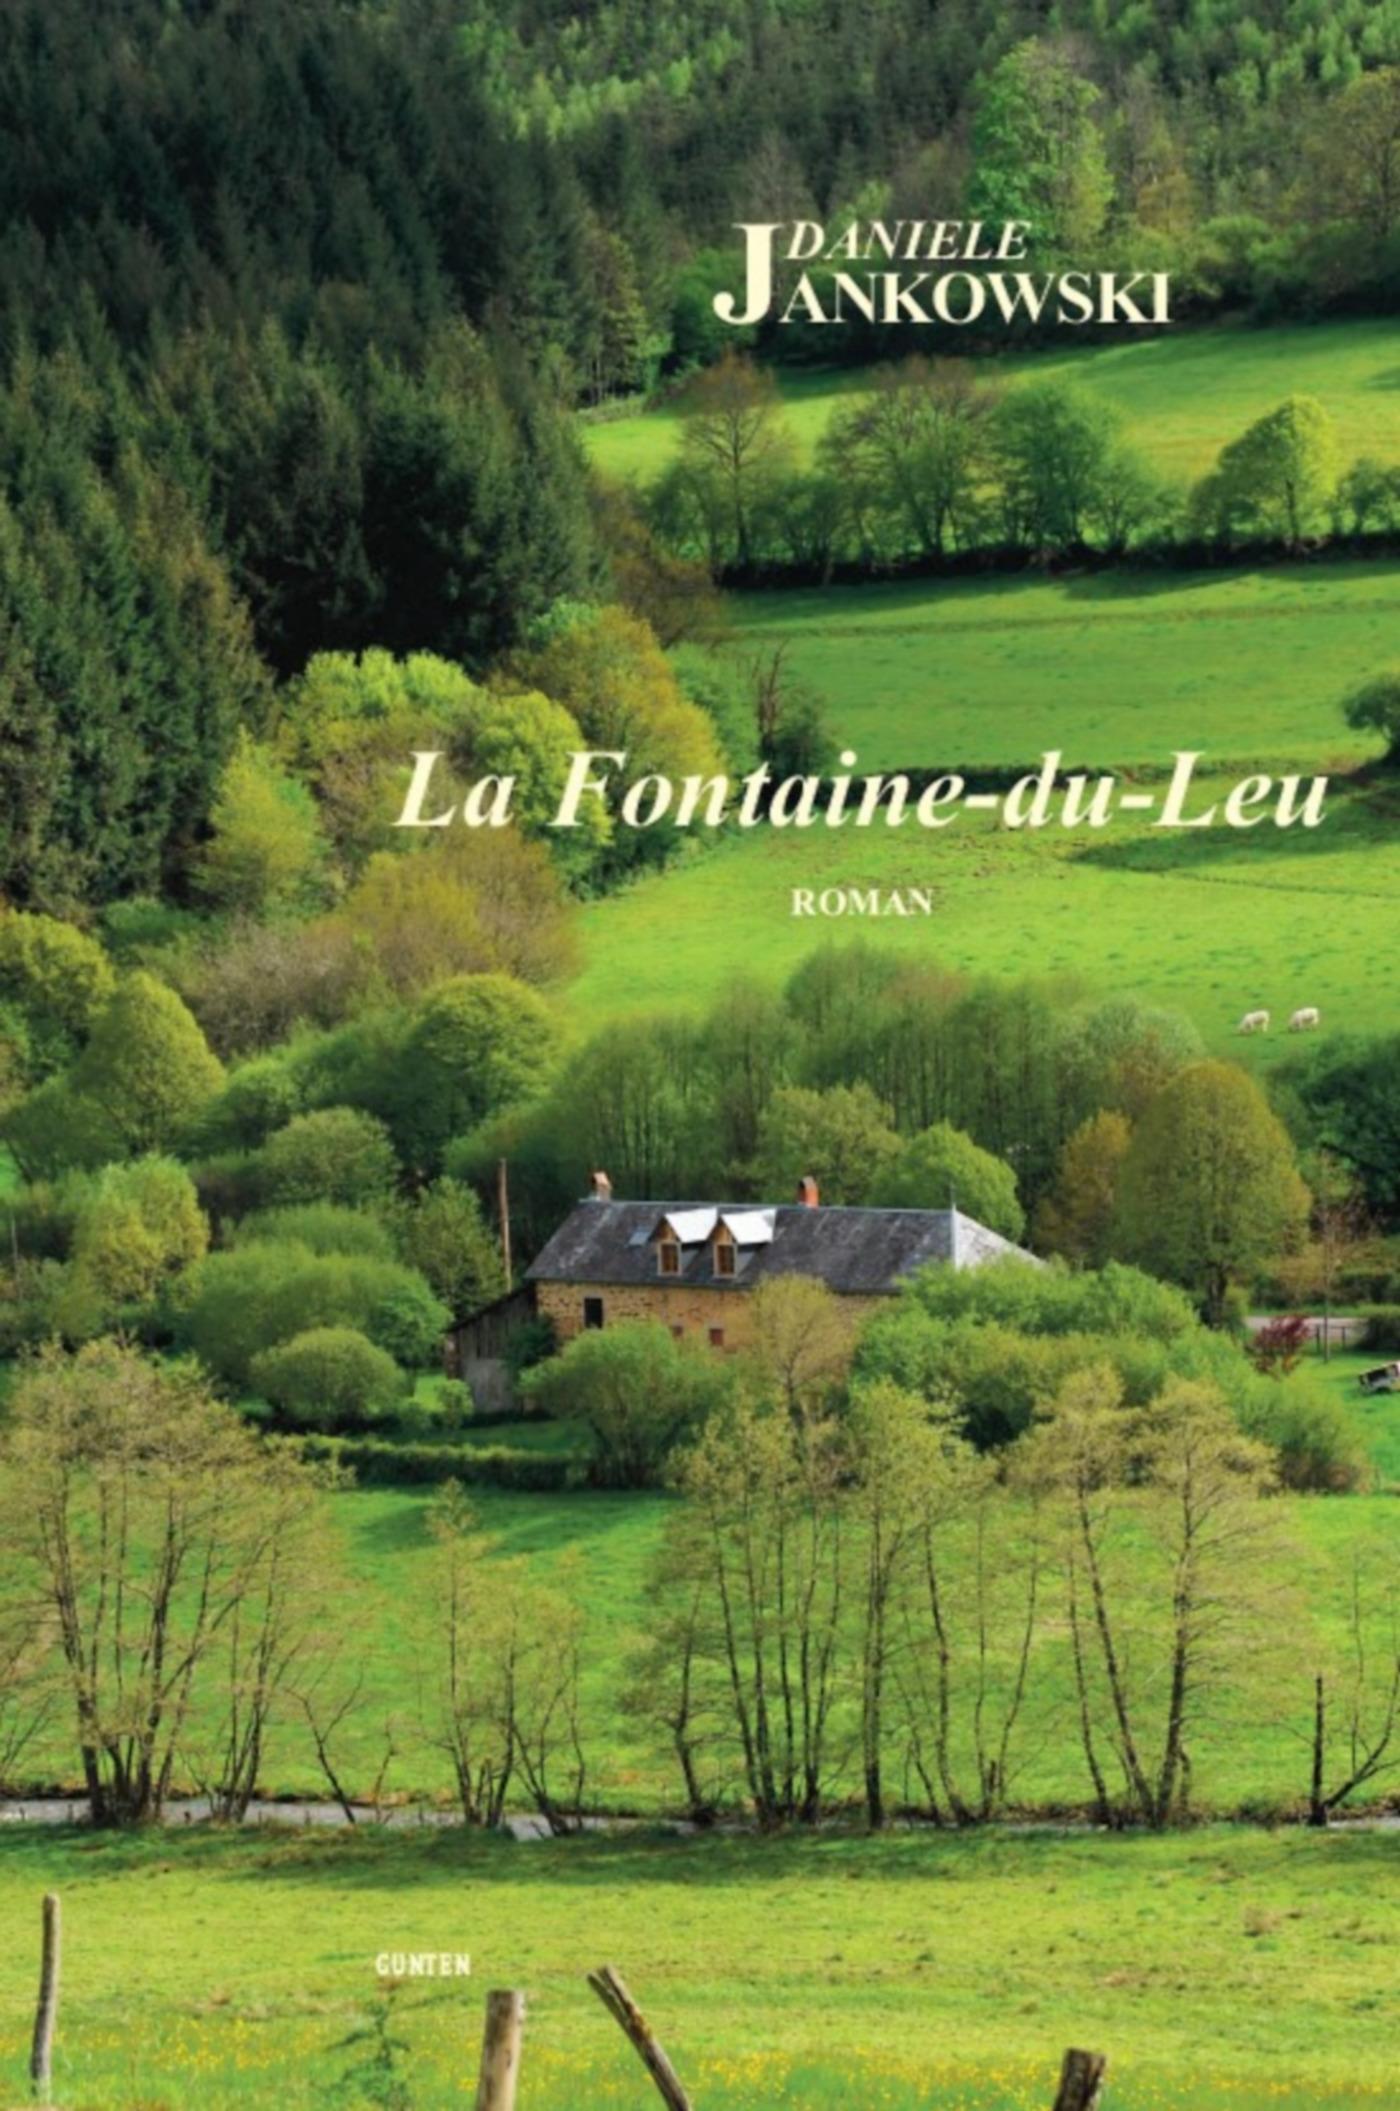 La Fontaine-du-Leu